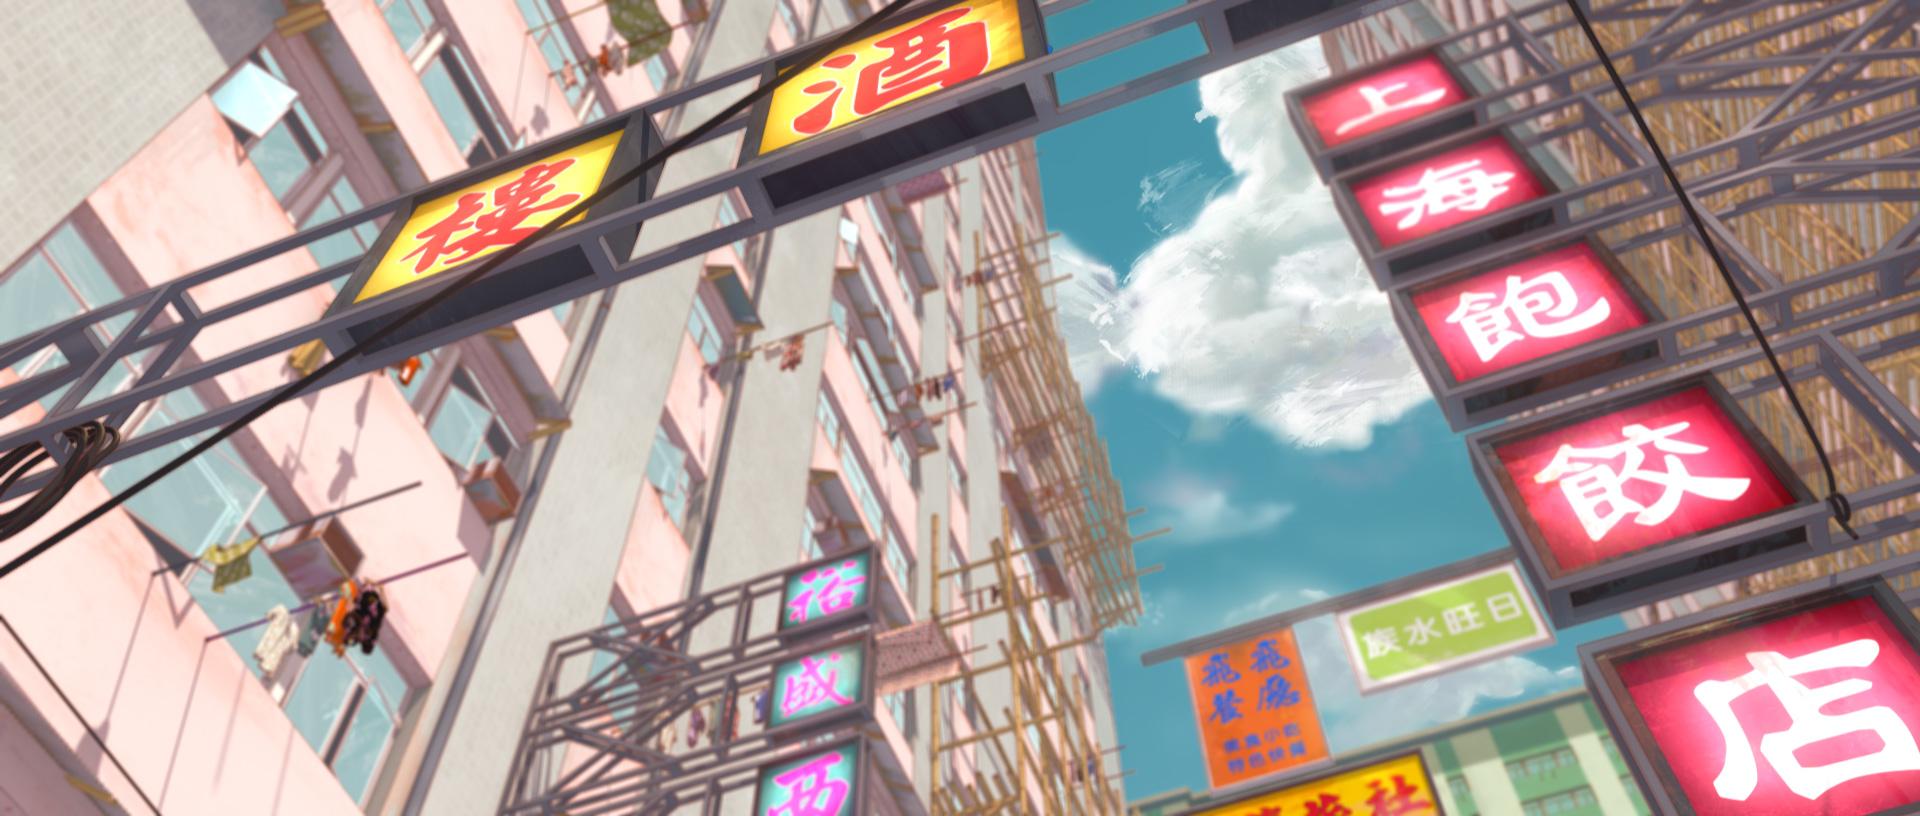 F5_Jump_04.jpg